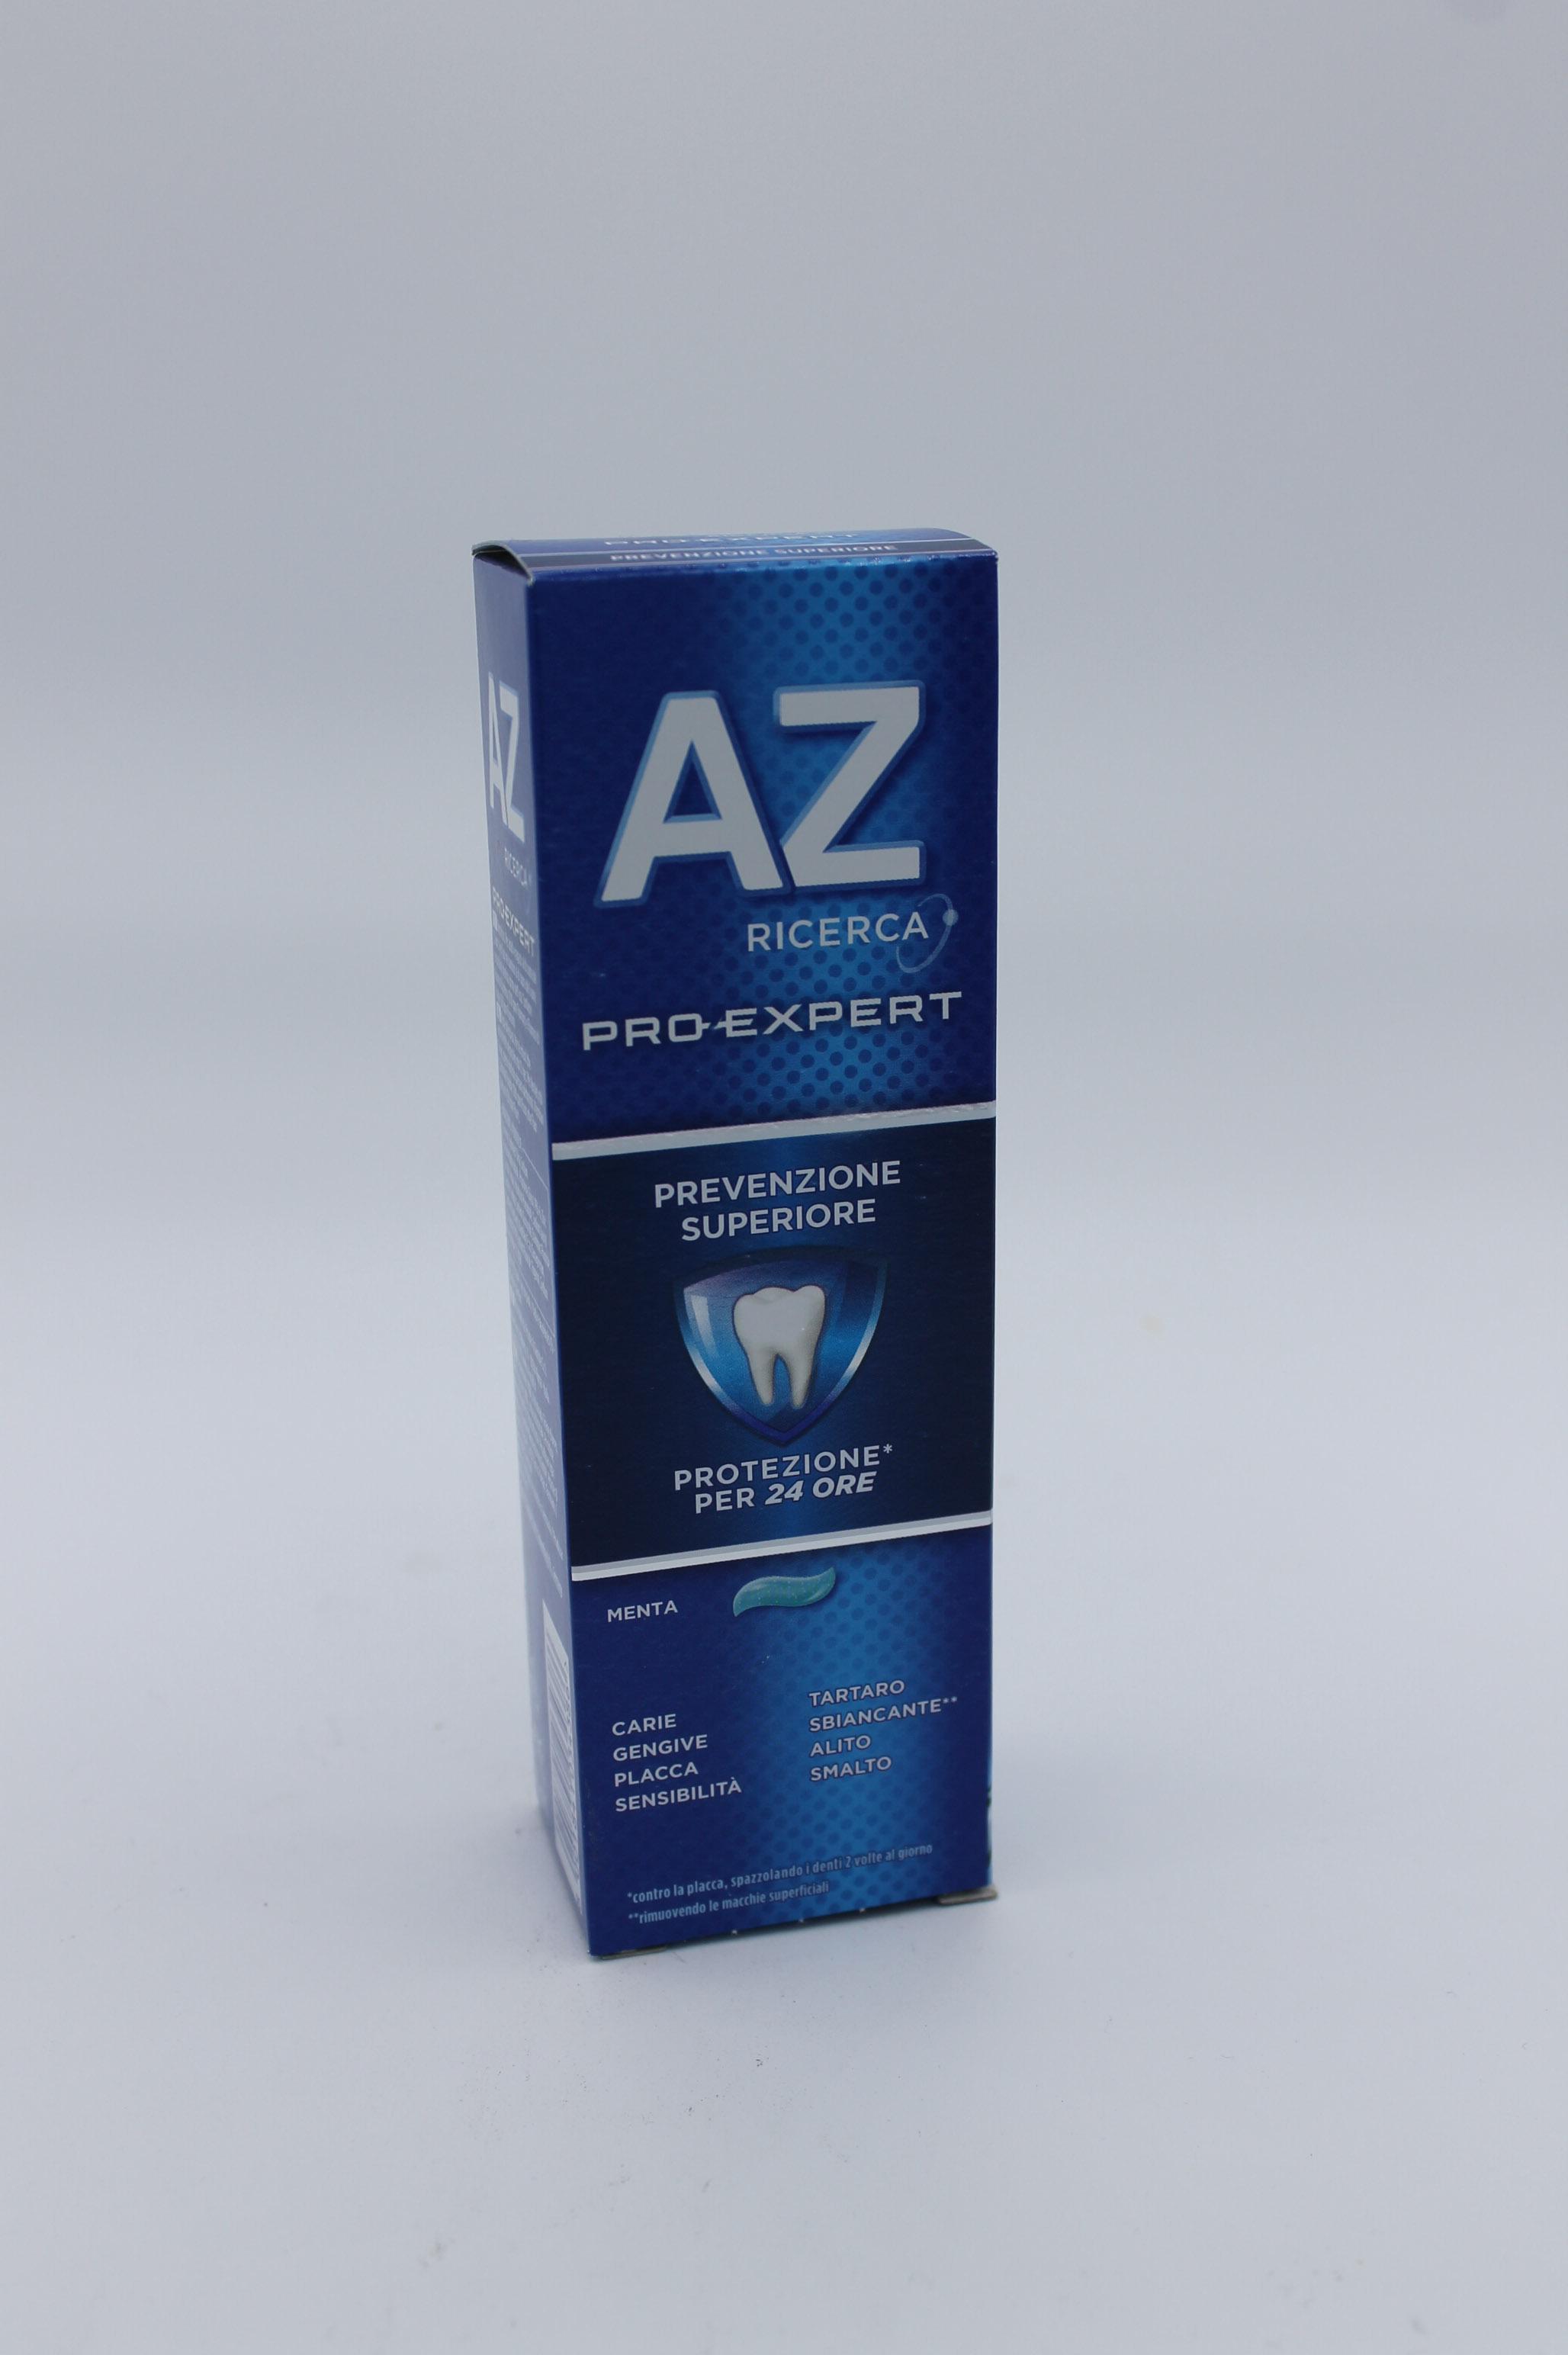 AZ pro-expert dentifricio prevenzione superiore 75ml.